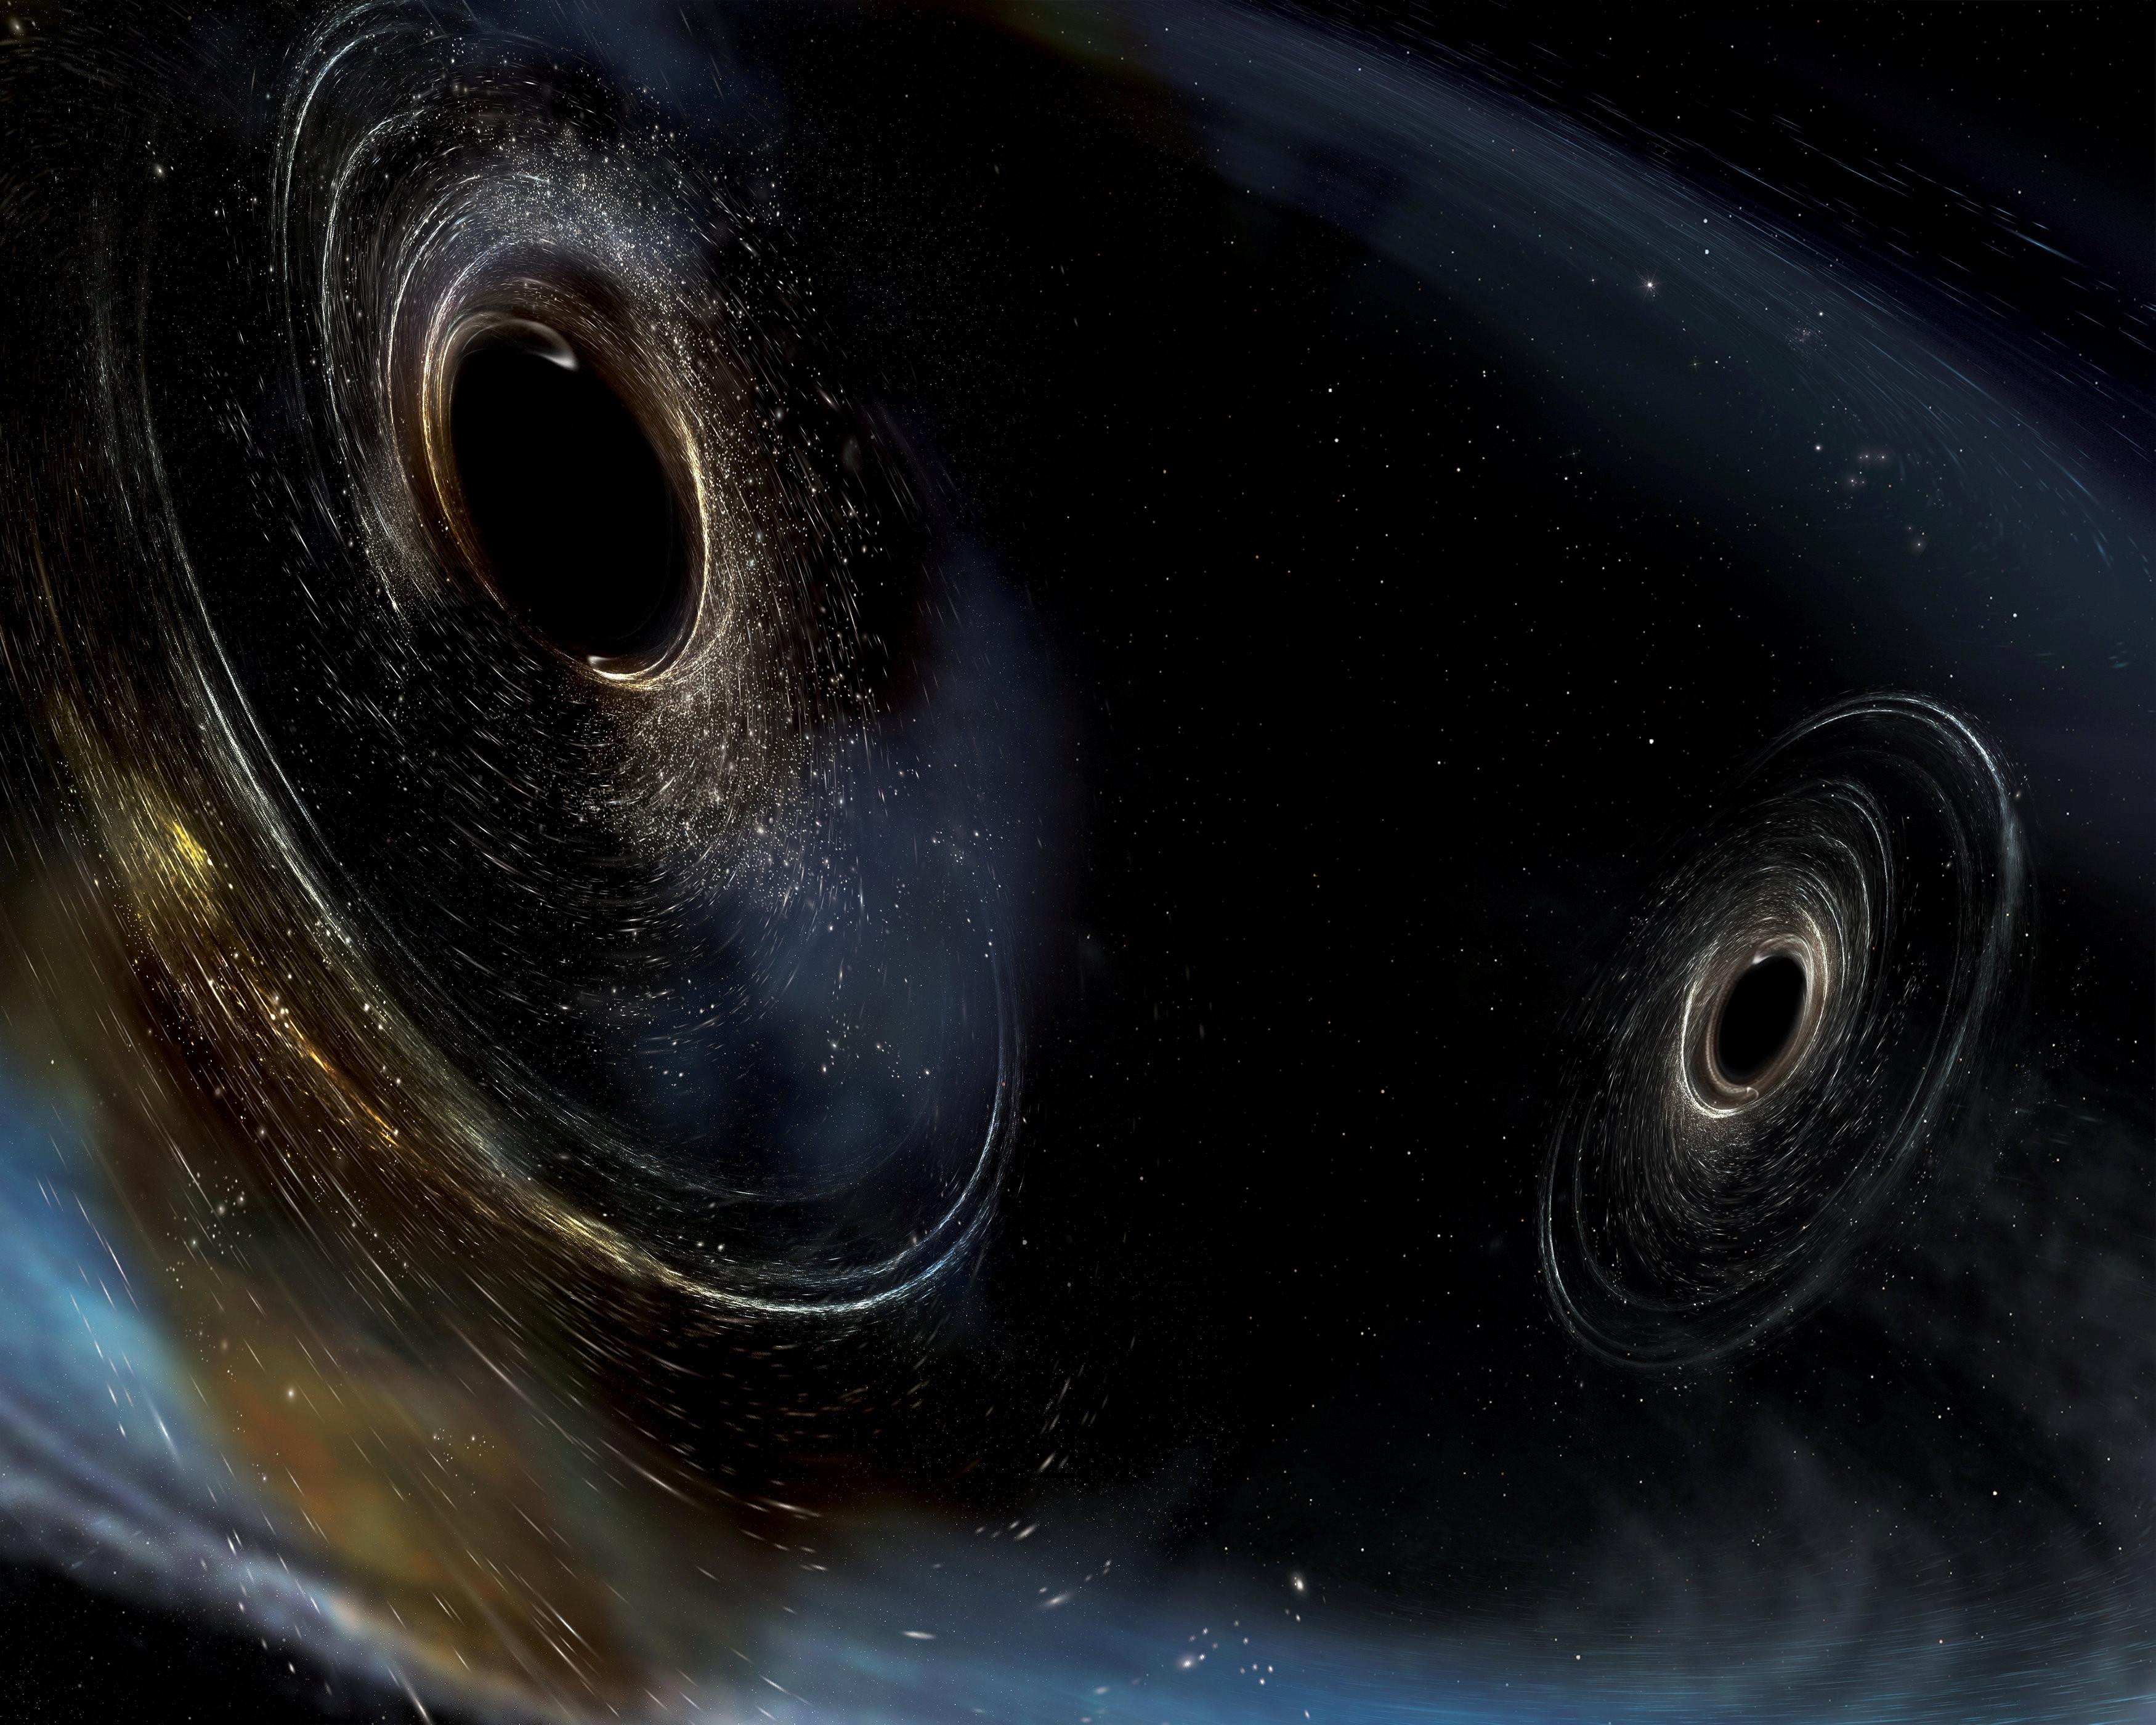 黑洞Vs虫洞,宇宙两大神秘天体如果相遇,会发生什么诡异的事